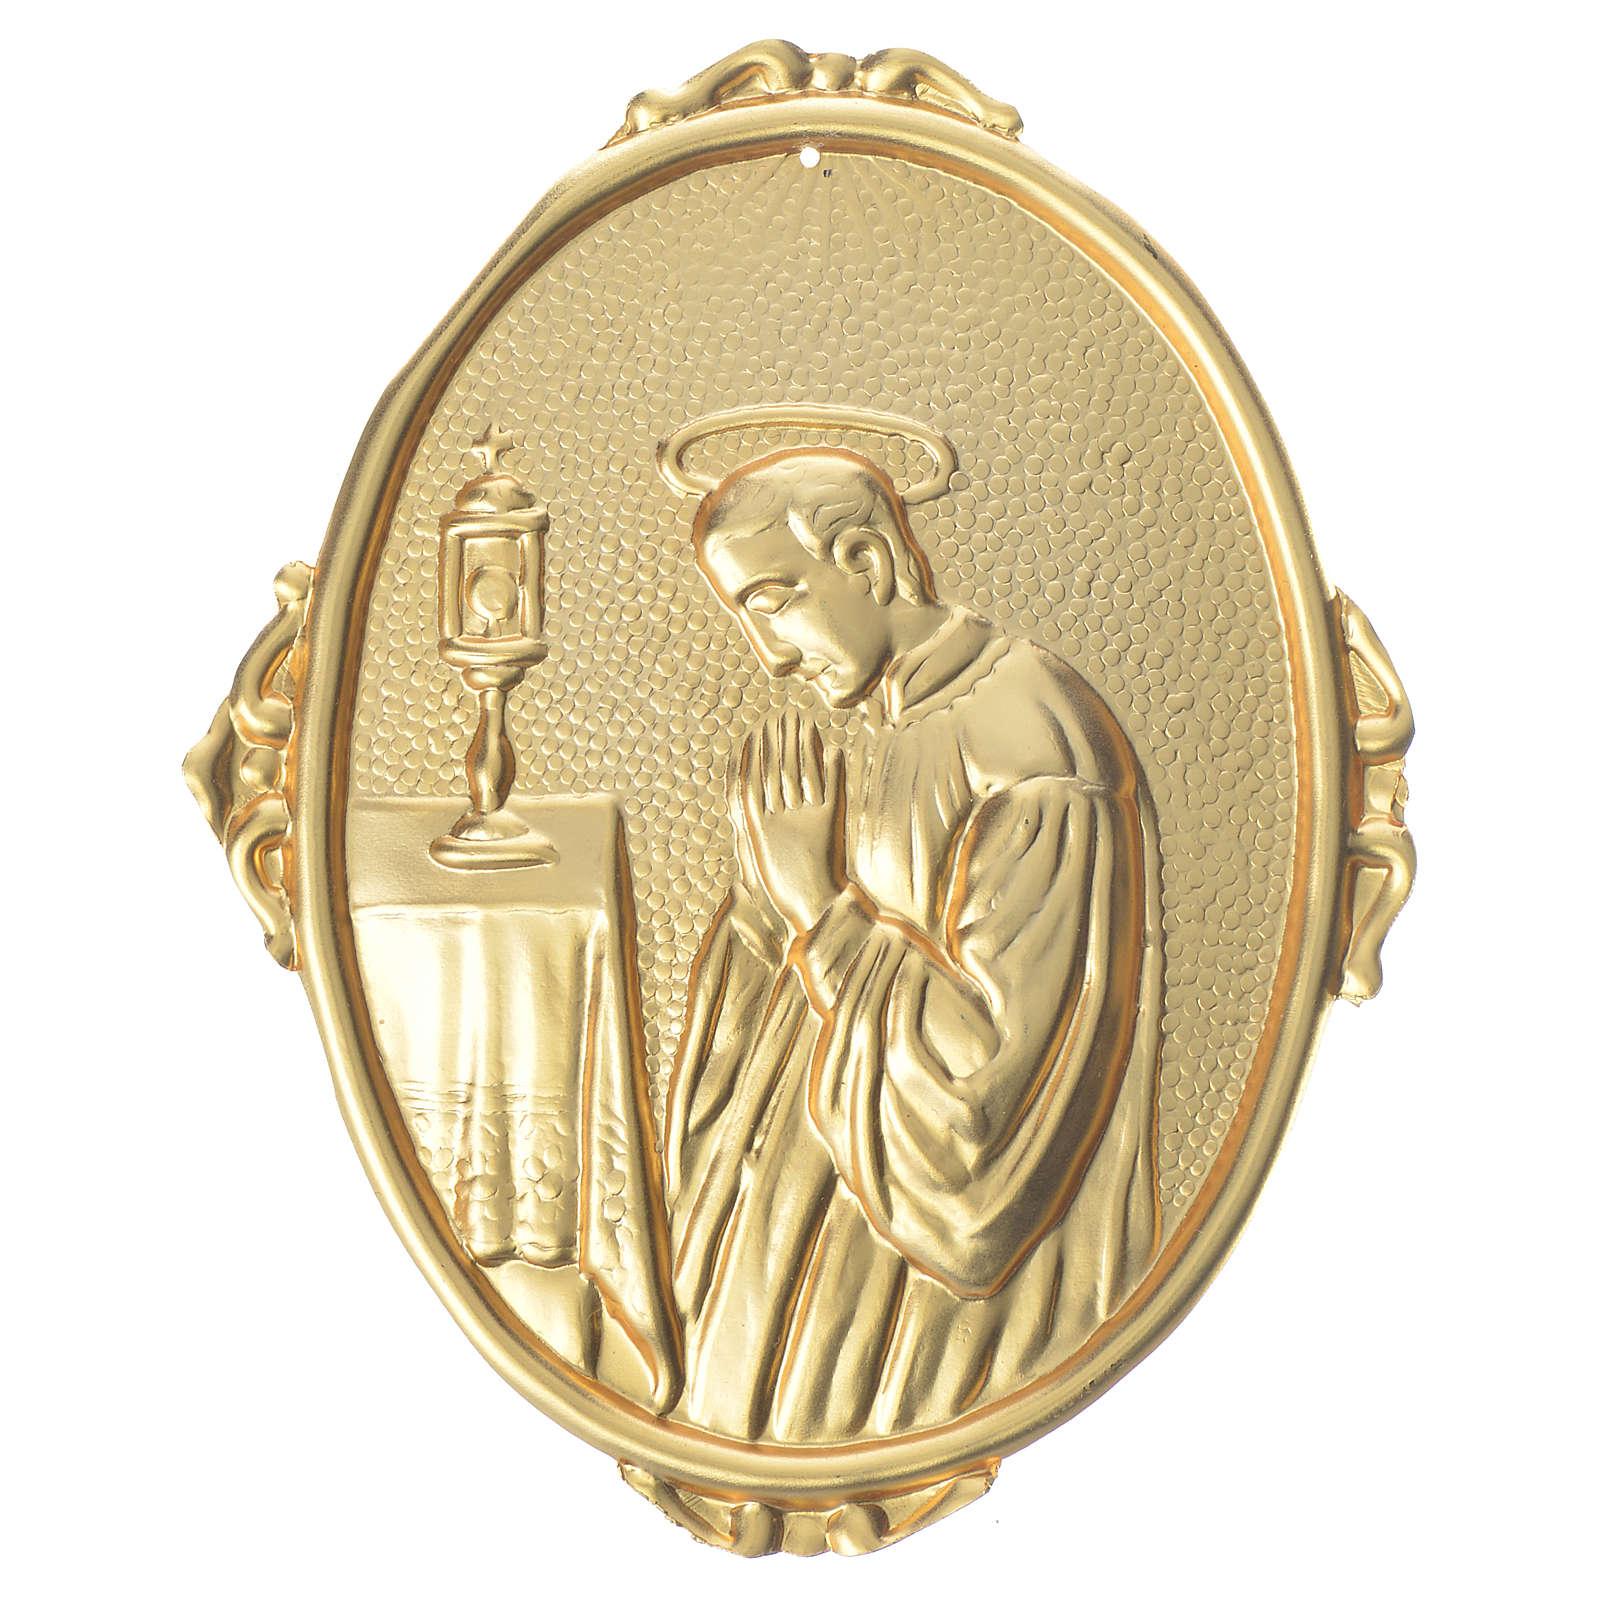 Medaglione confraternite S. Luigi ottone 3